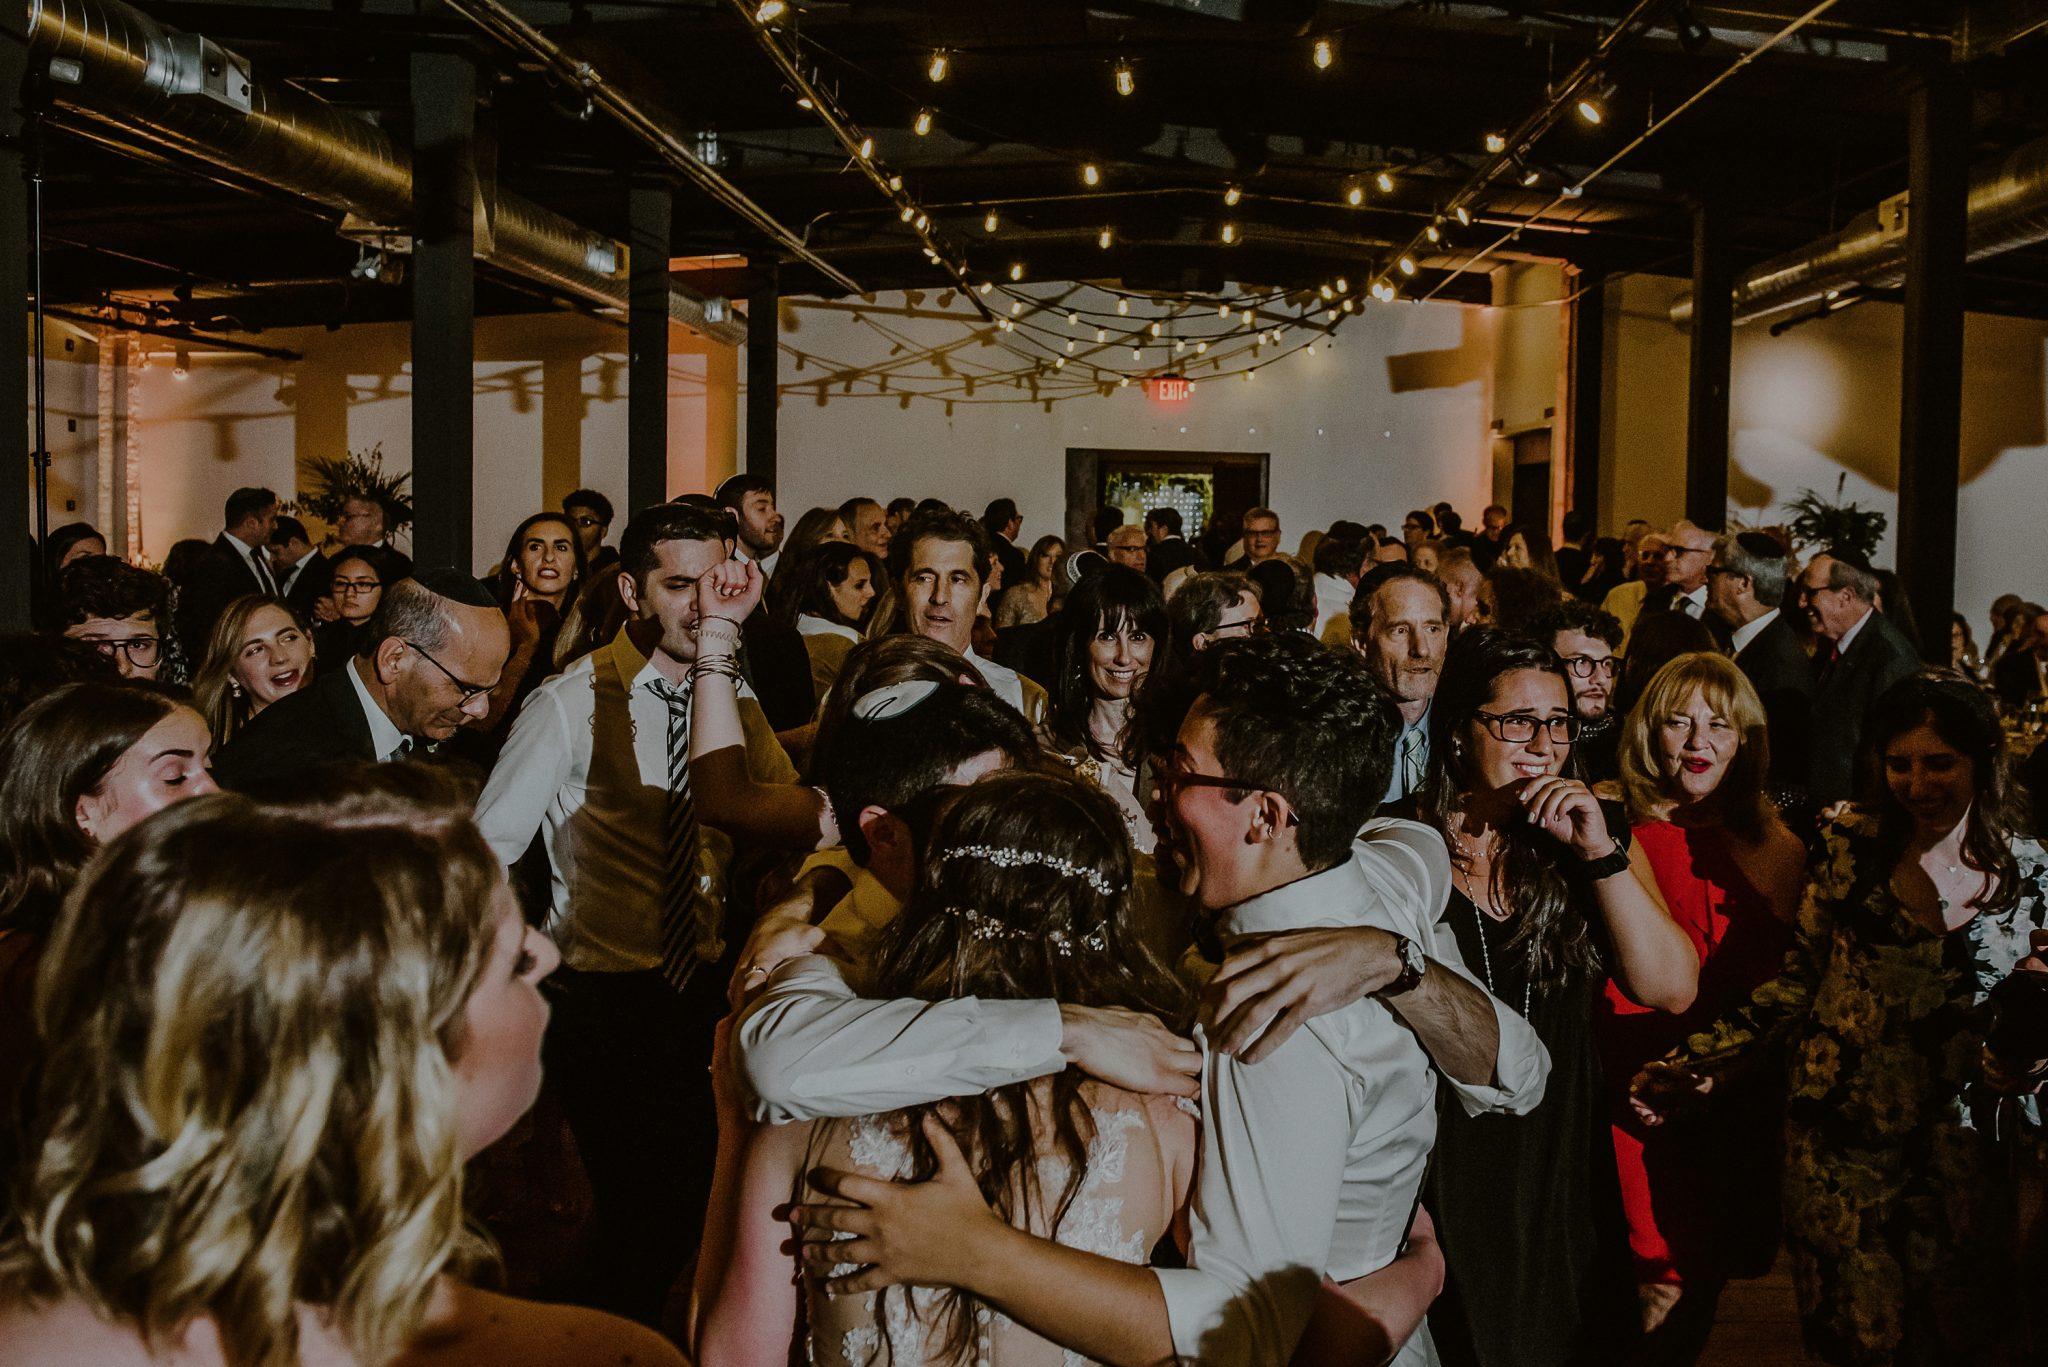 rustic wedding spaces in NJ